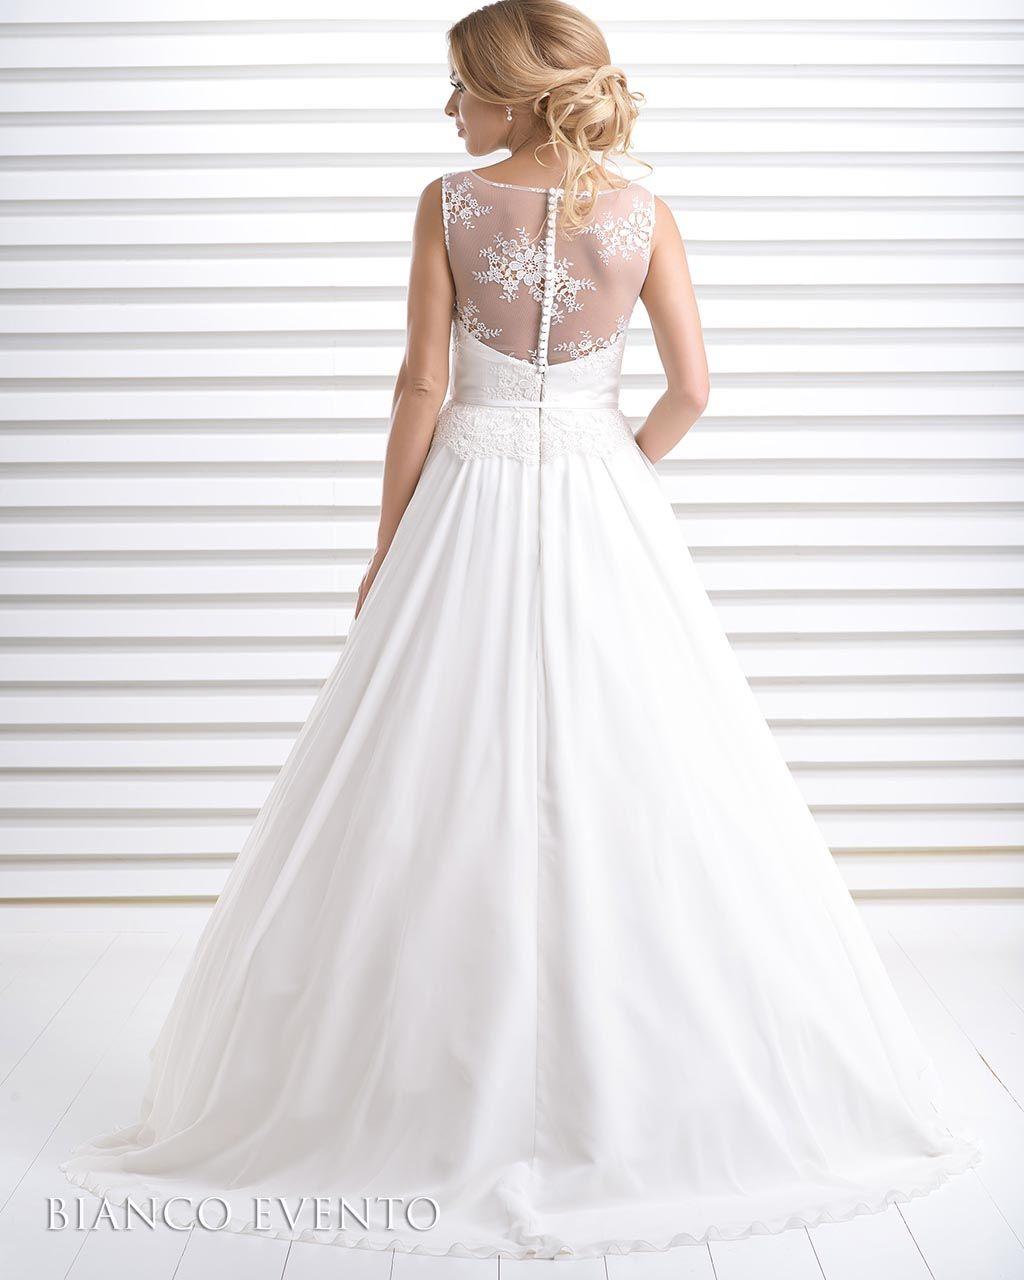 Brautkleider Unter 1000 Euro Marry4love Brautkleid Brautmode Und Hochzeitskleid Berlin Brautkleider Nach Mass Brautmode Kleid Hochzeit Kleider Hochzeit